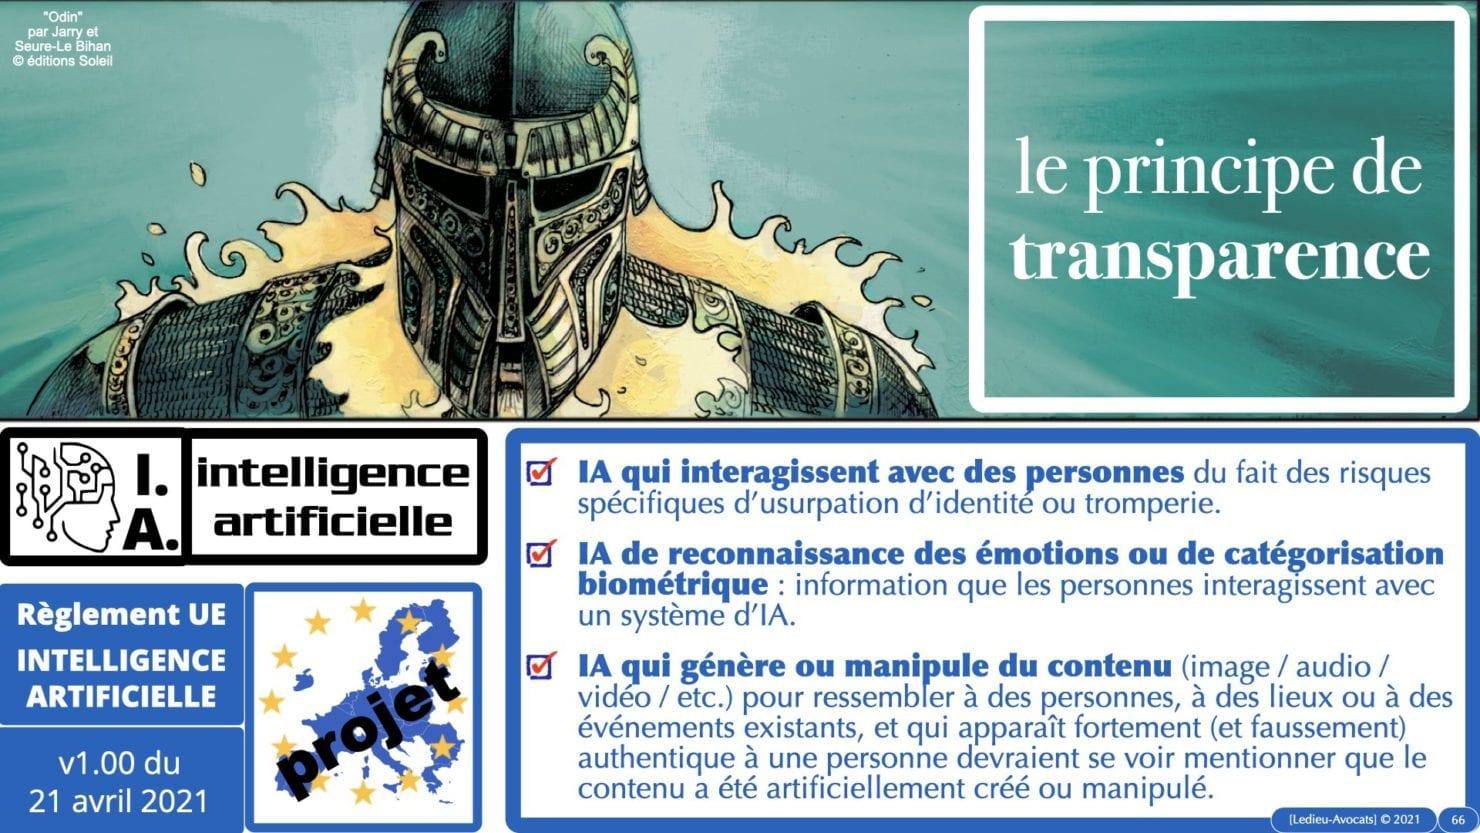 335 Intelligence Artificielle 2021 et AI Act [projet de Règlement UE] deep learning machine learning © Ledieu-Avocats 04-06-2021 *16:9*.066